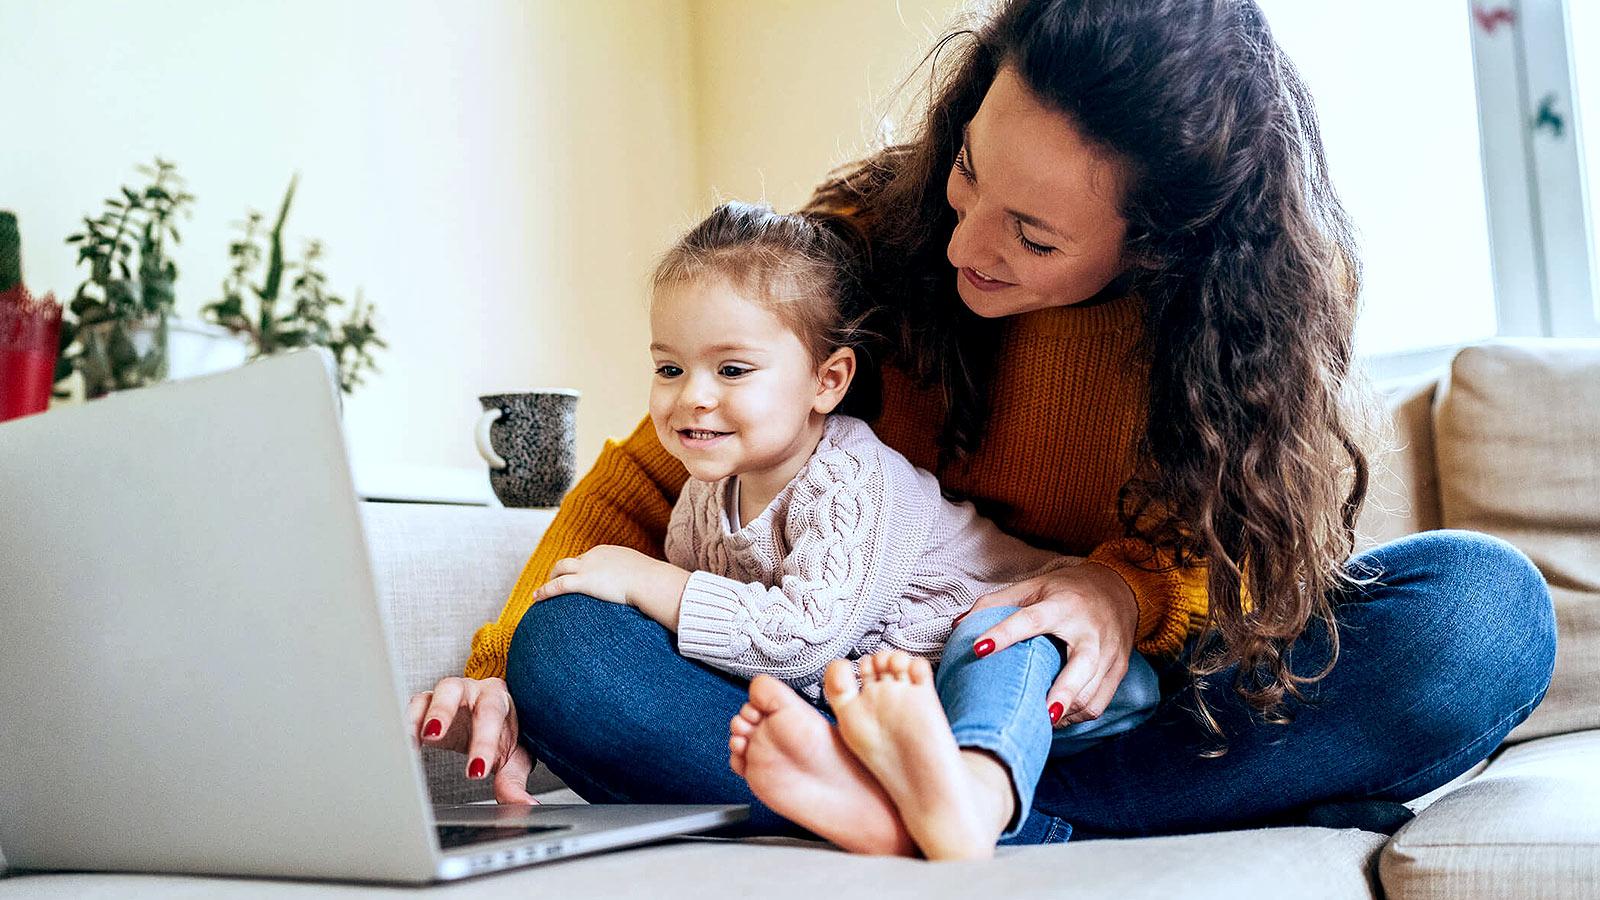 qual o impacto da animacao infantil na educacao das criancas 1a dumela filmes - Qual o impacto da animação infantil na educação das crianças?